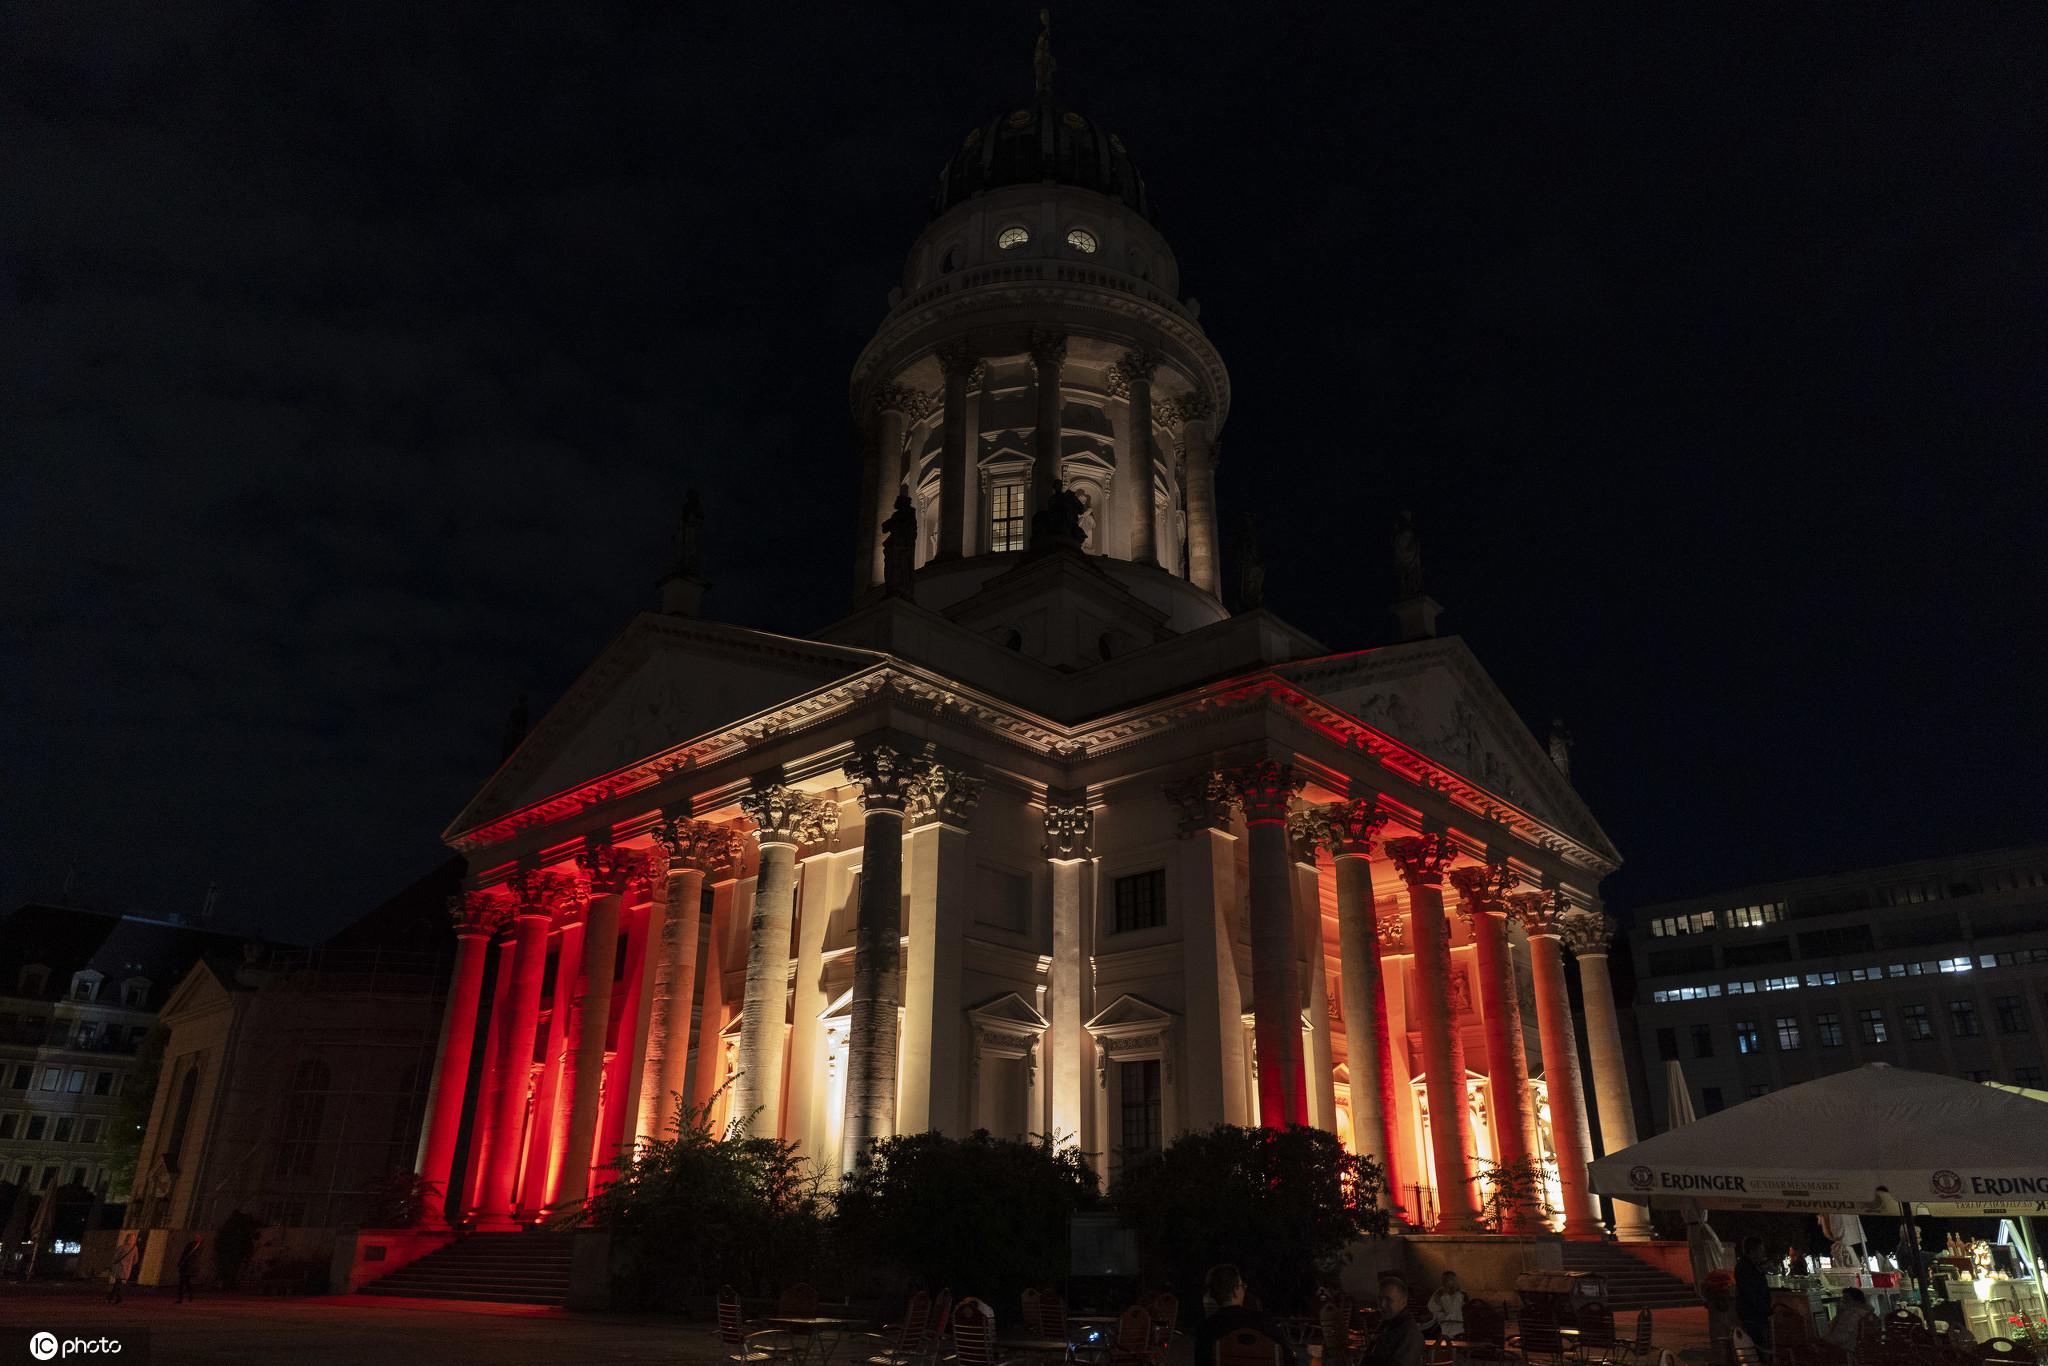 德国柏林2020年灯光节开幕